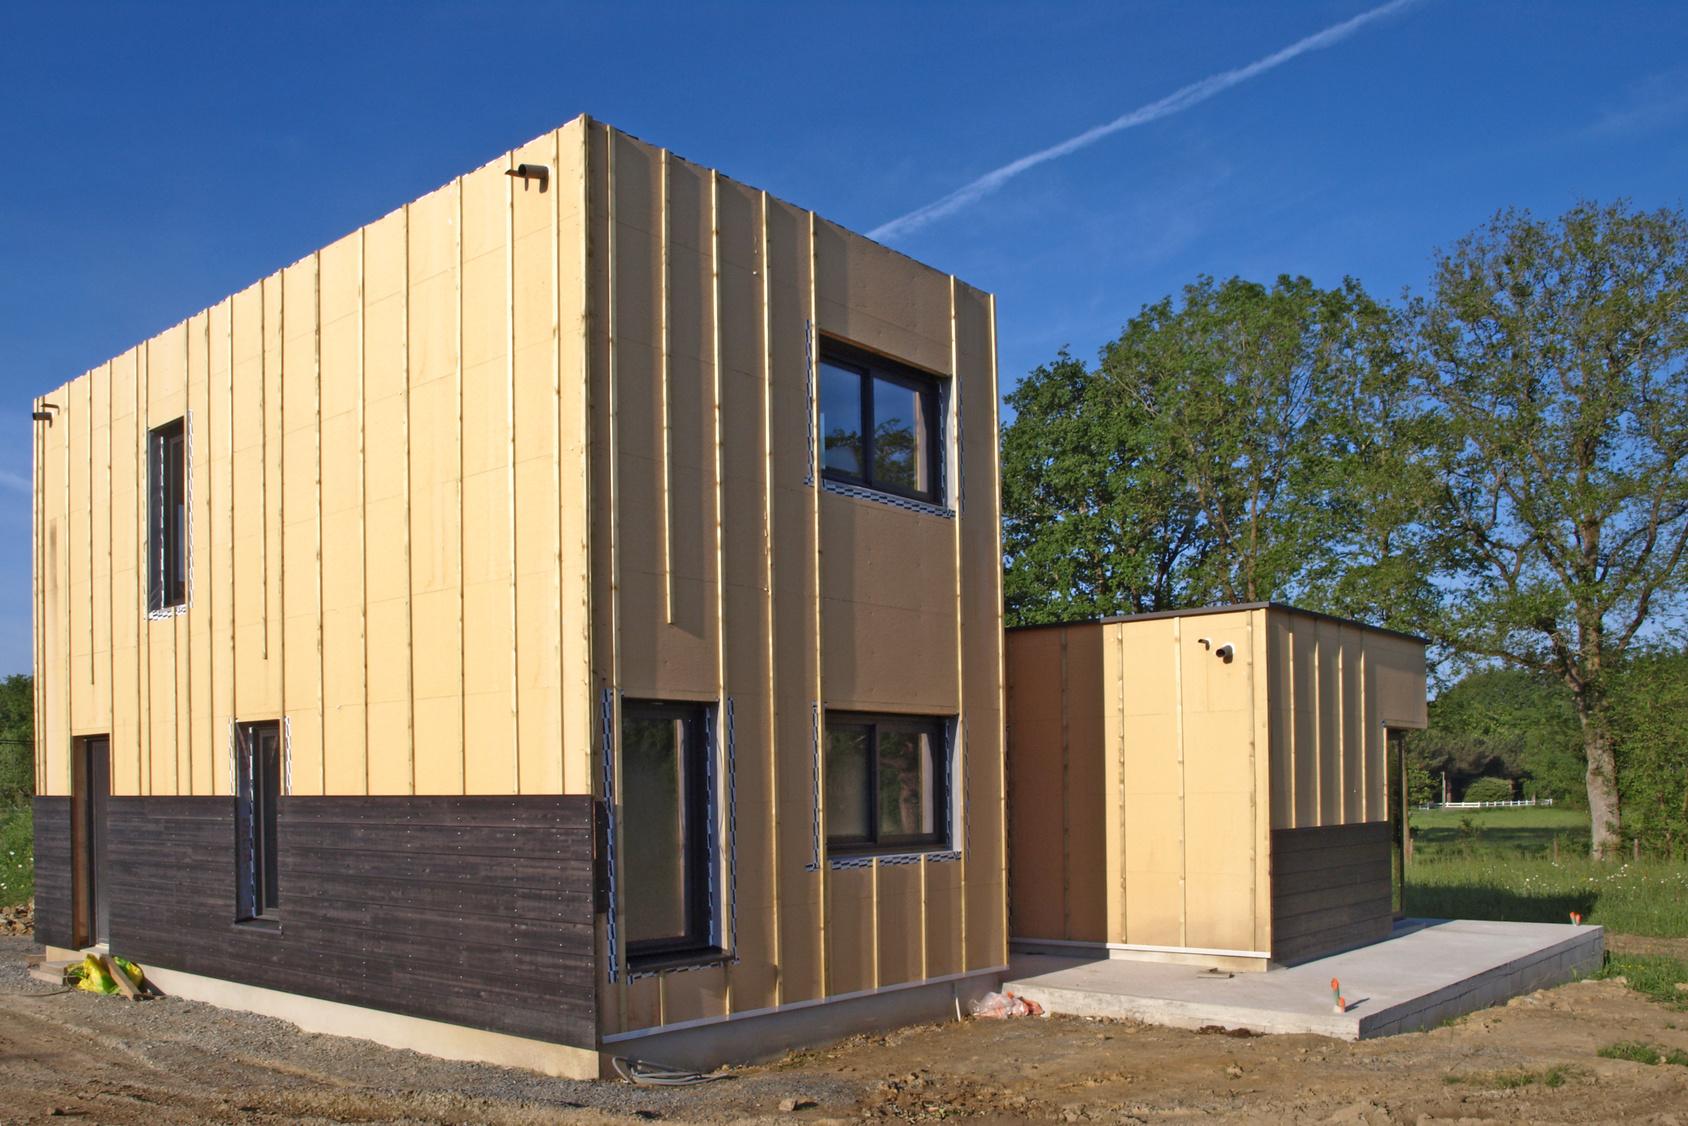 maisons volutives maison modulaire tourmaline plan maison with maison modulaire volutive with. Black Bedroom Furniture Sets. Home Design Ideas